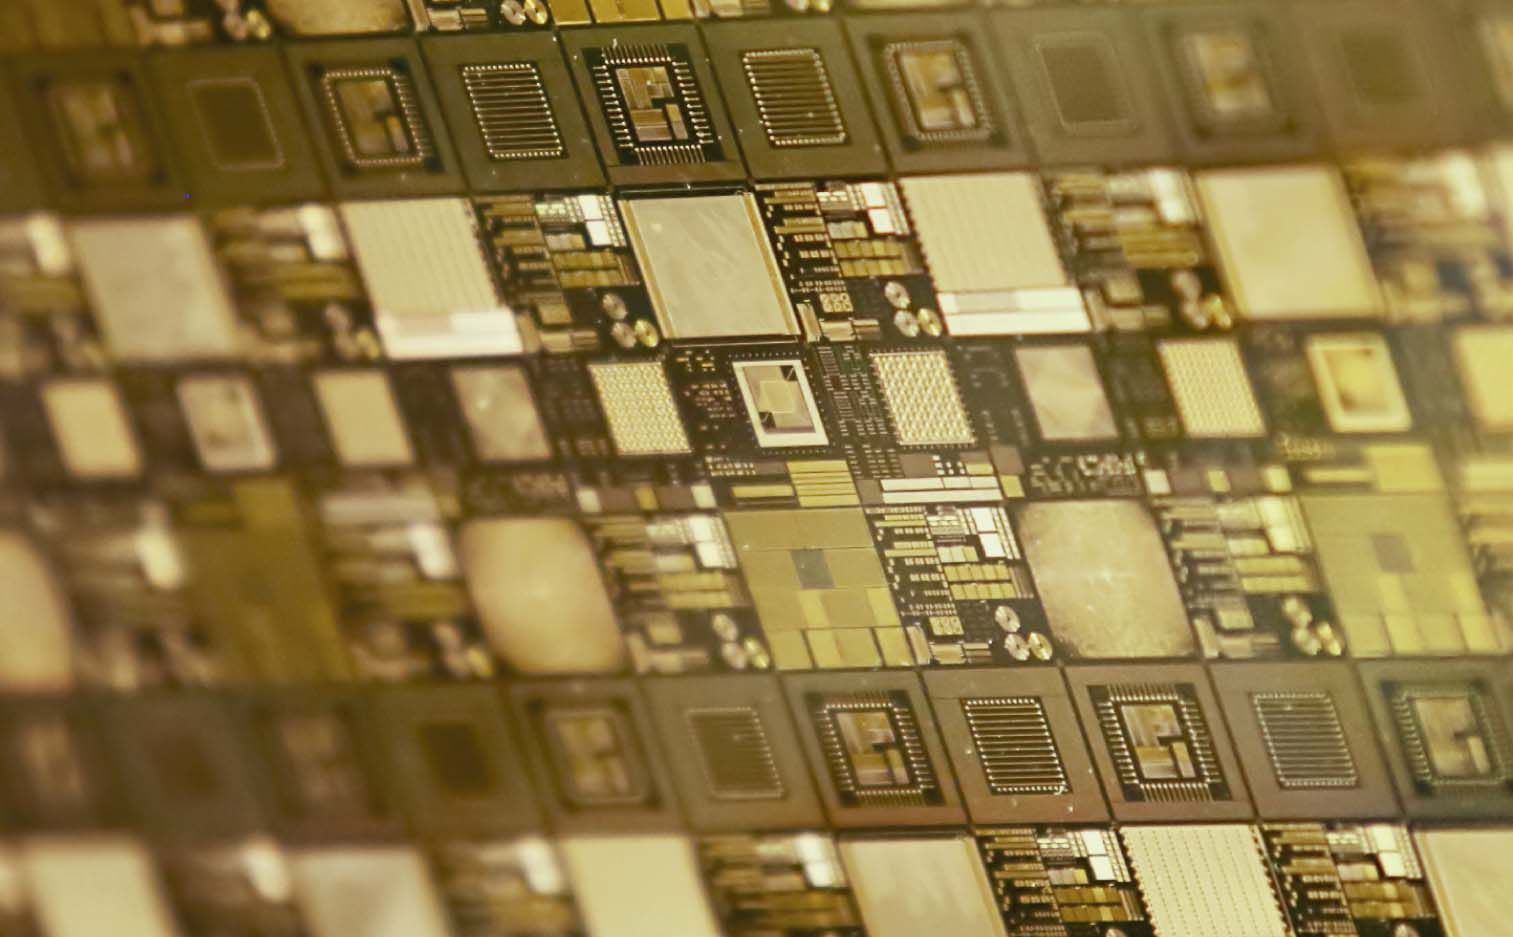 imagen de Hoy en día se pueden construir chips que contienen en su interior miles de millones de componentes de dimensiones cercanas al nanómetro.